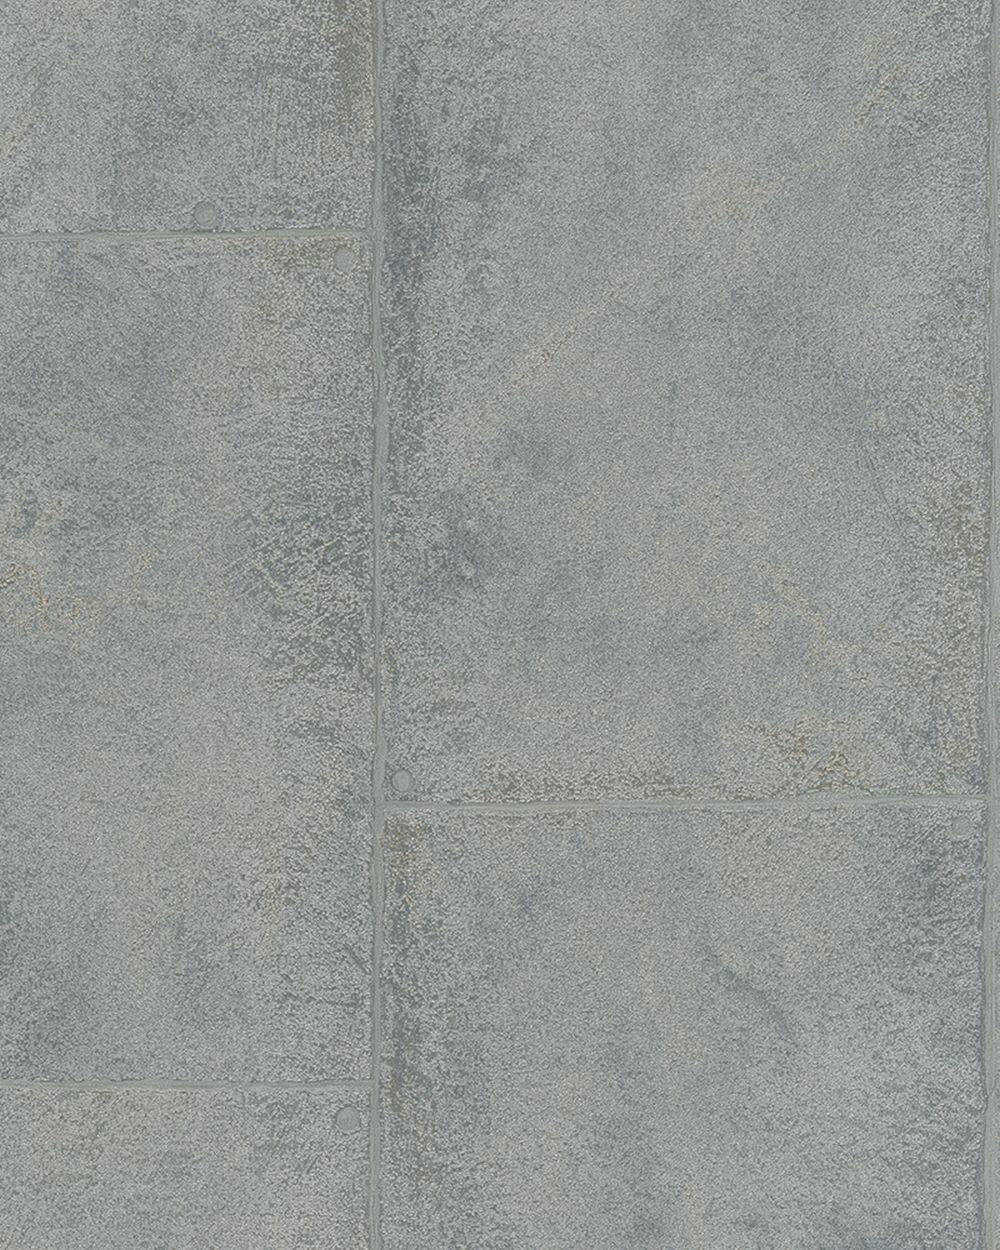 Full Size of Alpina Betonoptik Tapete Vlies Beton Optik Platten Silber Grau Metallic 59334 Bad Küche Hotel Hofgastein Wohnzimmer Alpina Betonoptik